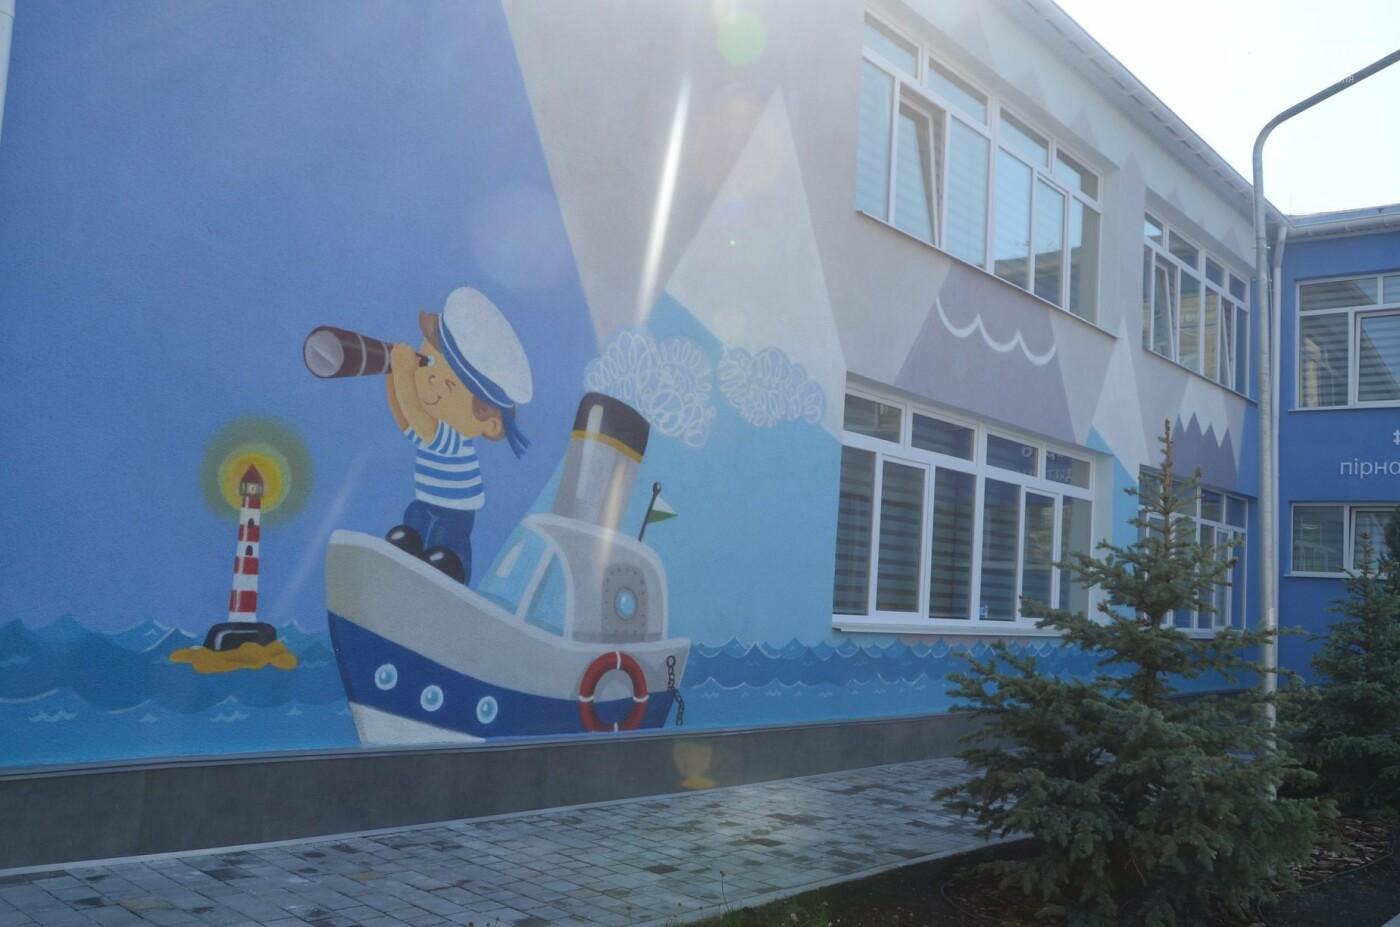 В Мариуполе готовят к открытию магнит за 46 млн гривен, - ФОТО, ВИДЕО, фото-9